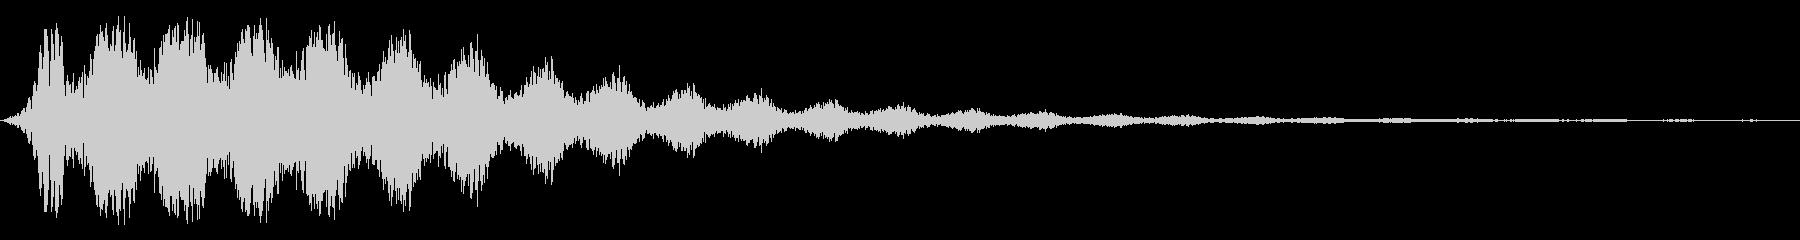 ボワワ〜(中音域で浮遊感がある)の未再生の波形